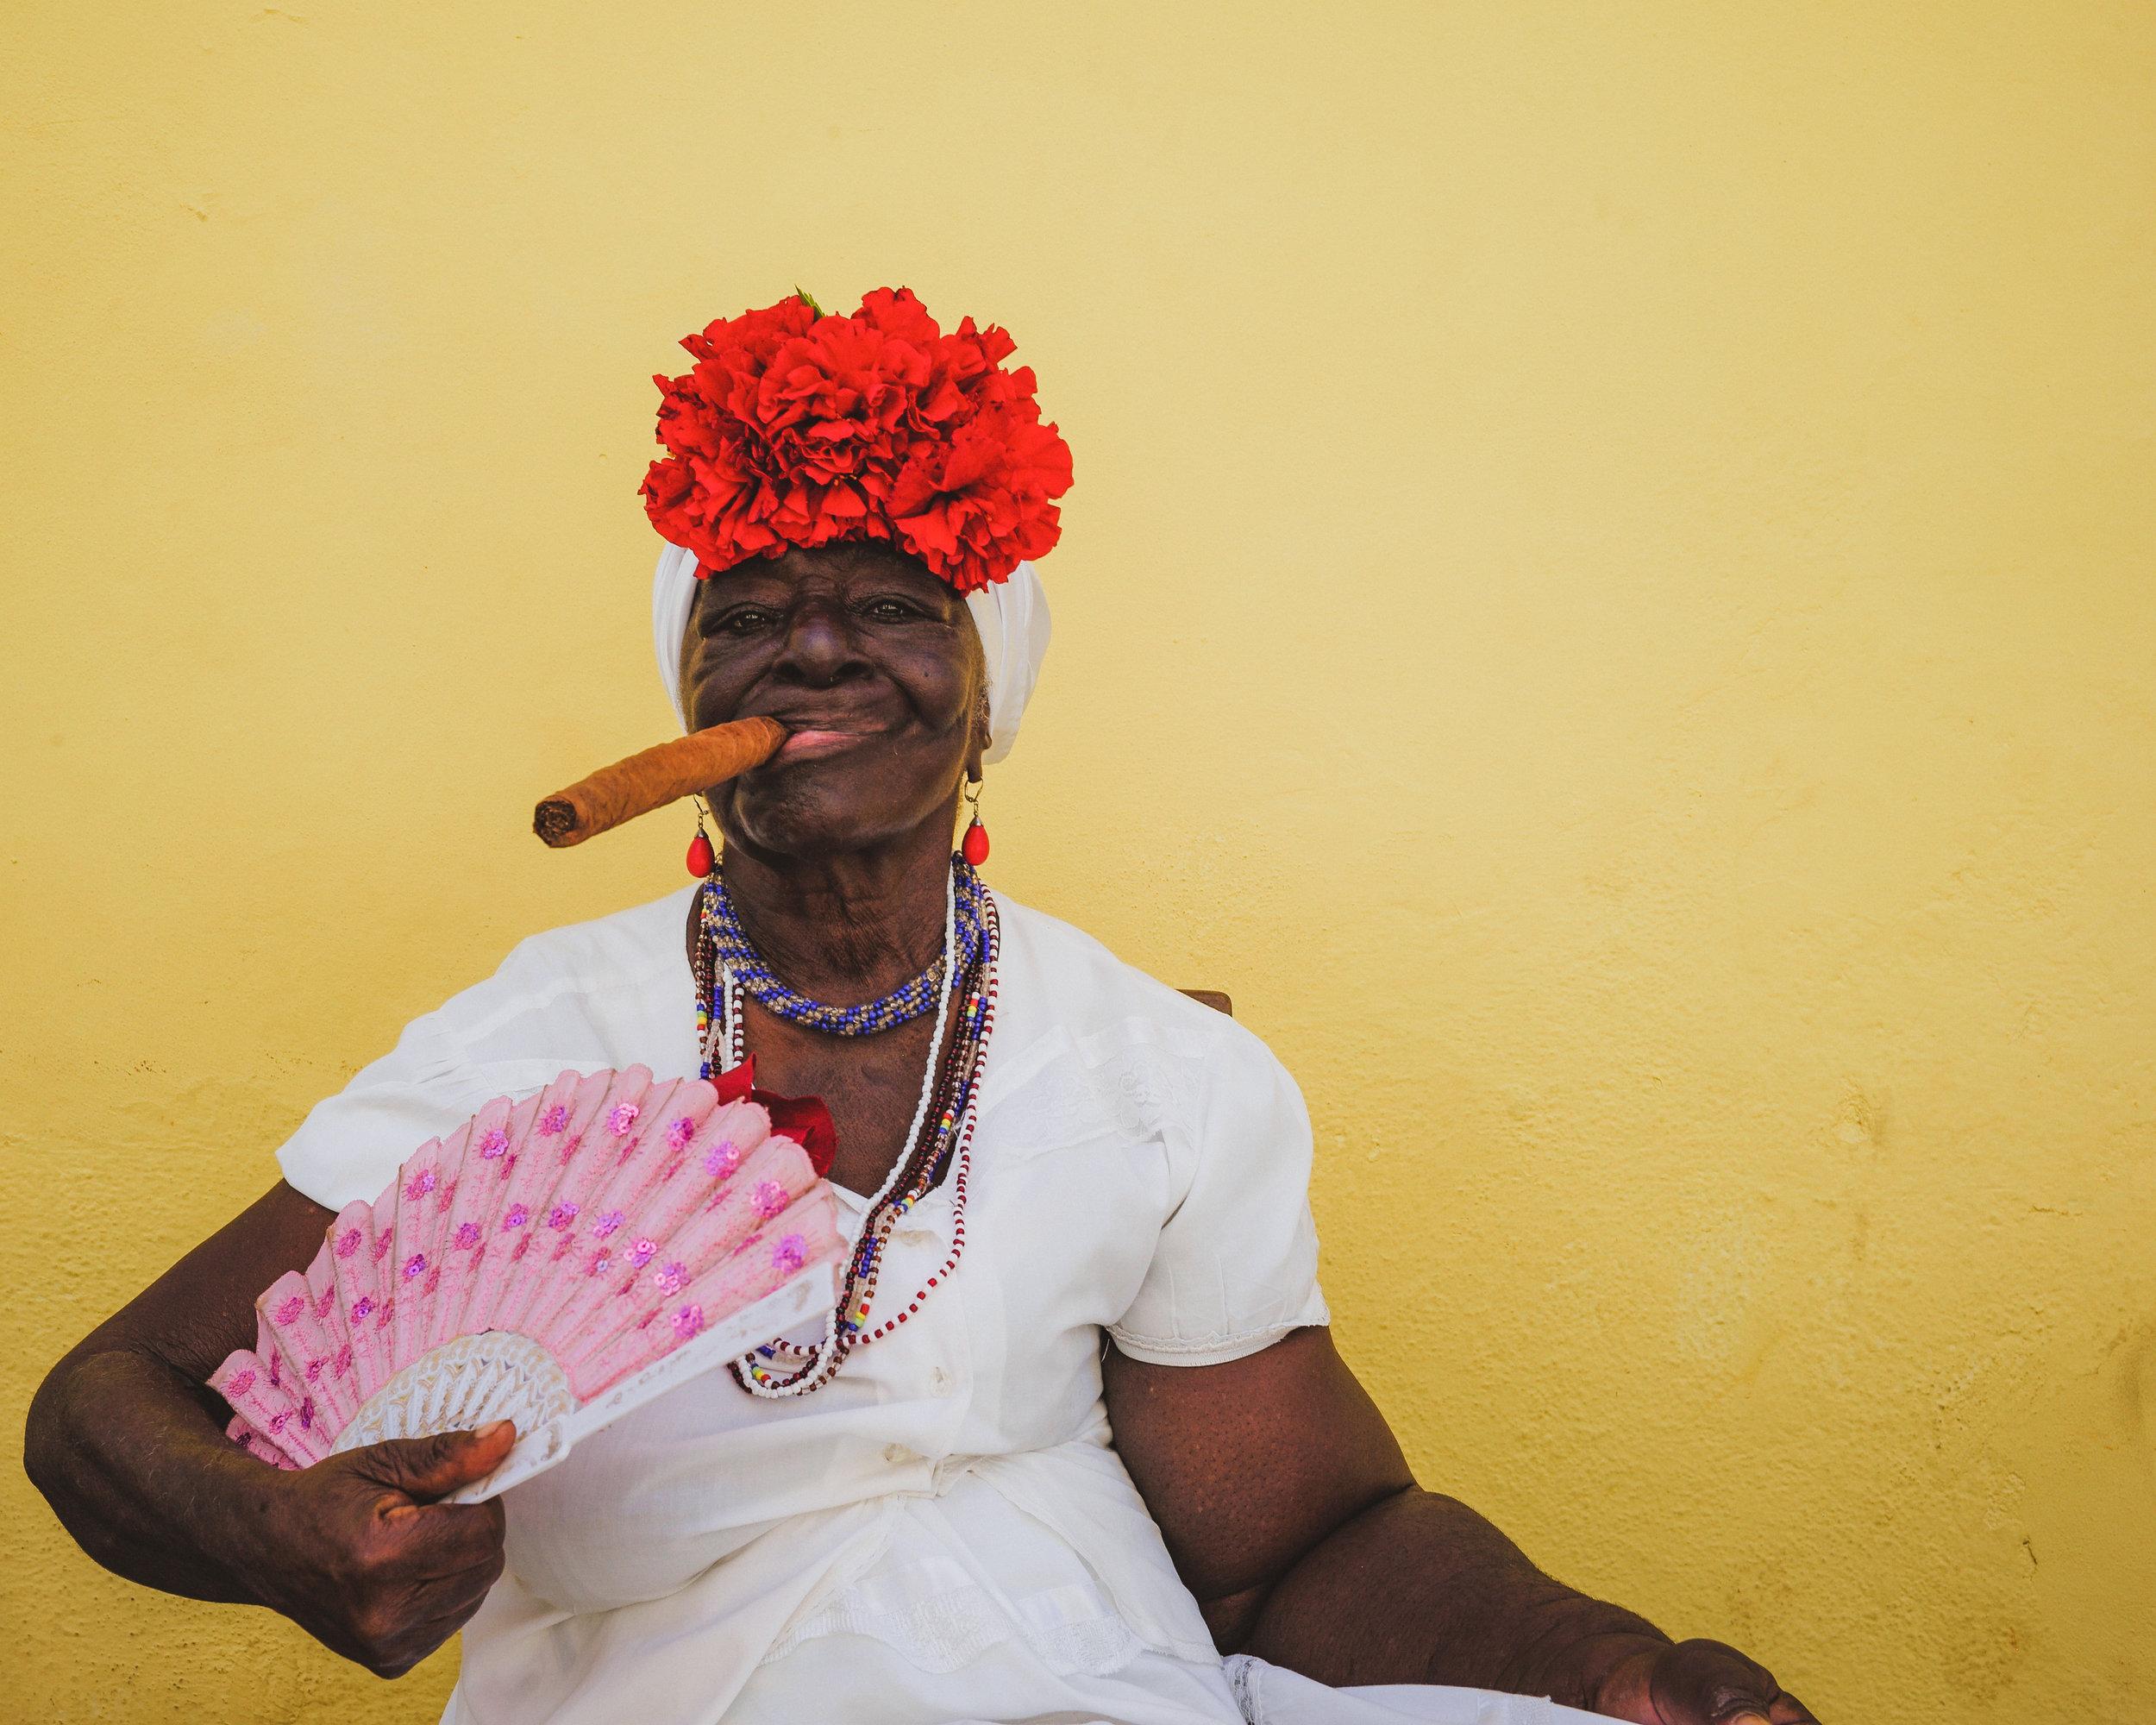 PauloLopez-Cuba-33.jpg